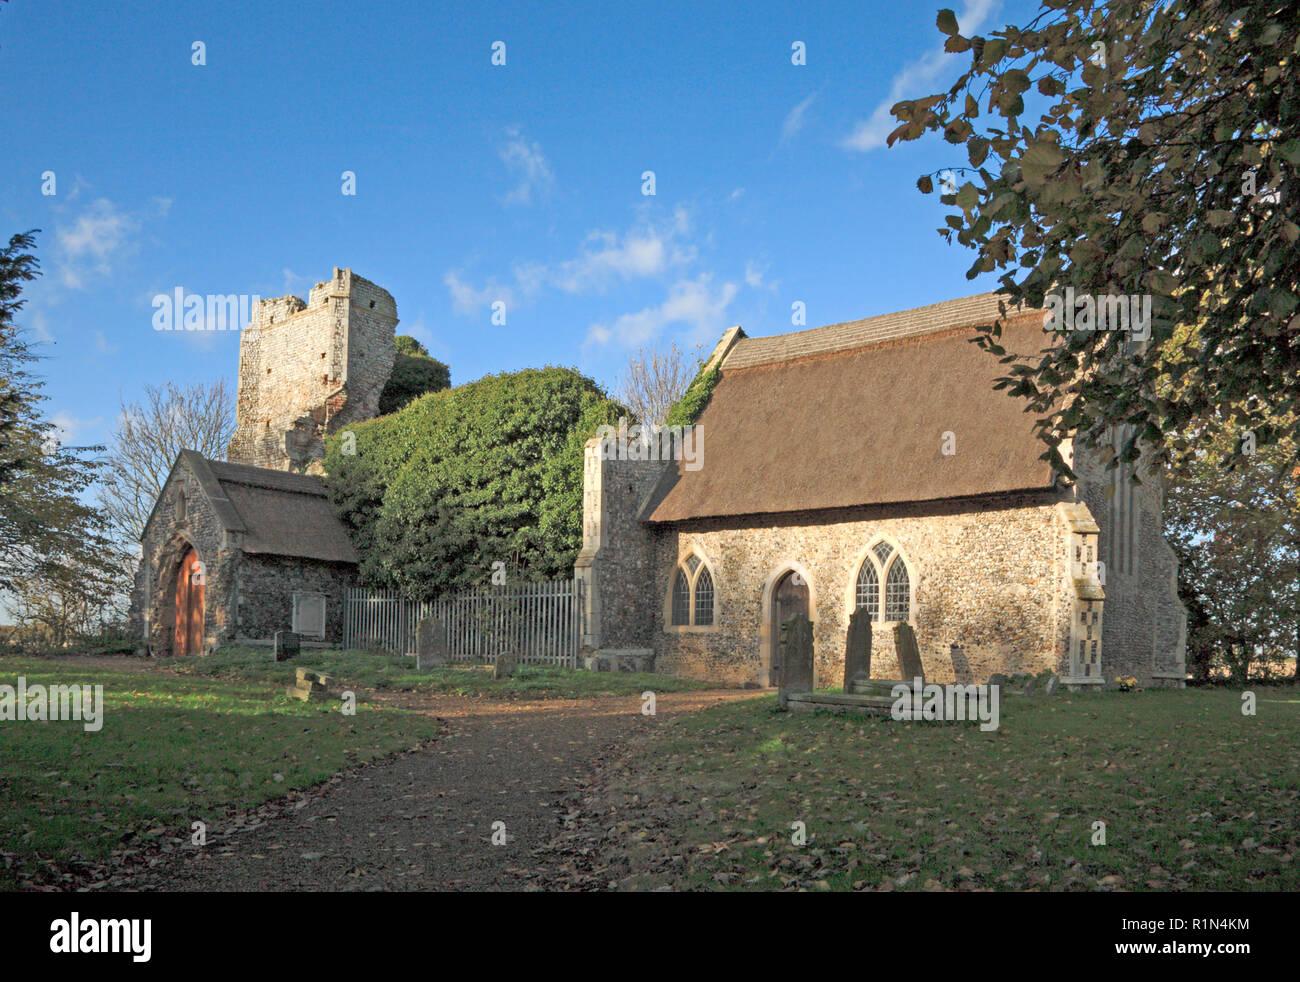 Una vista parzialmente in rovina la chiesa di tutti i santi a Billockby, Norfolk, Inghilterra, Regno Unito, Europa. Immagini Stock